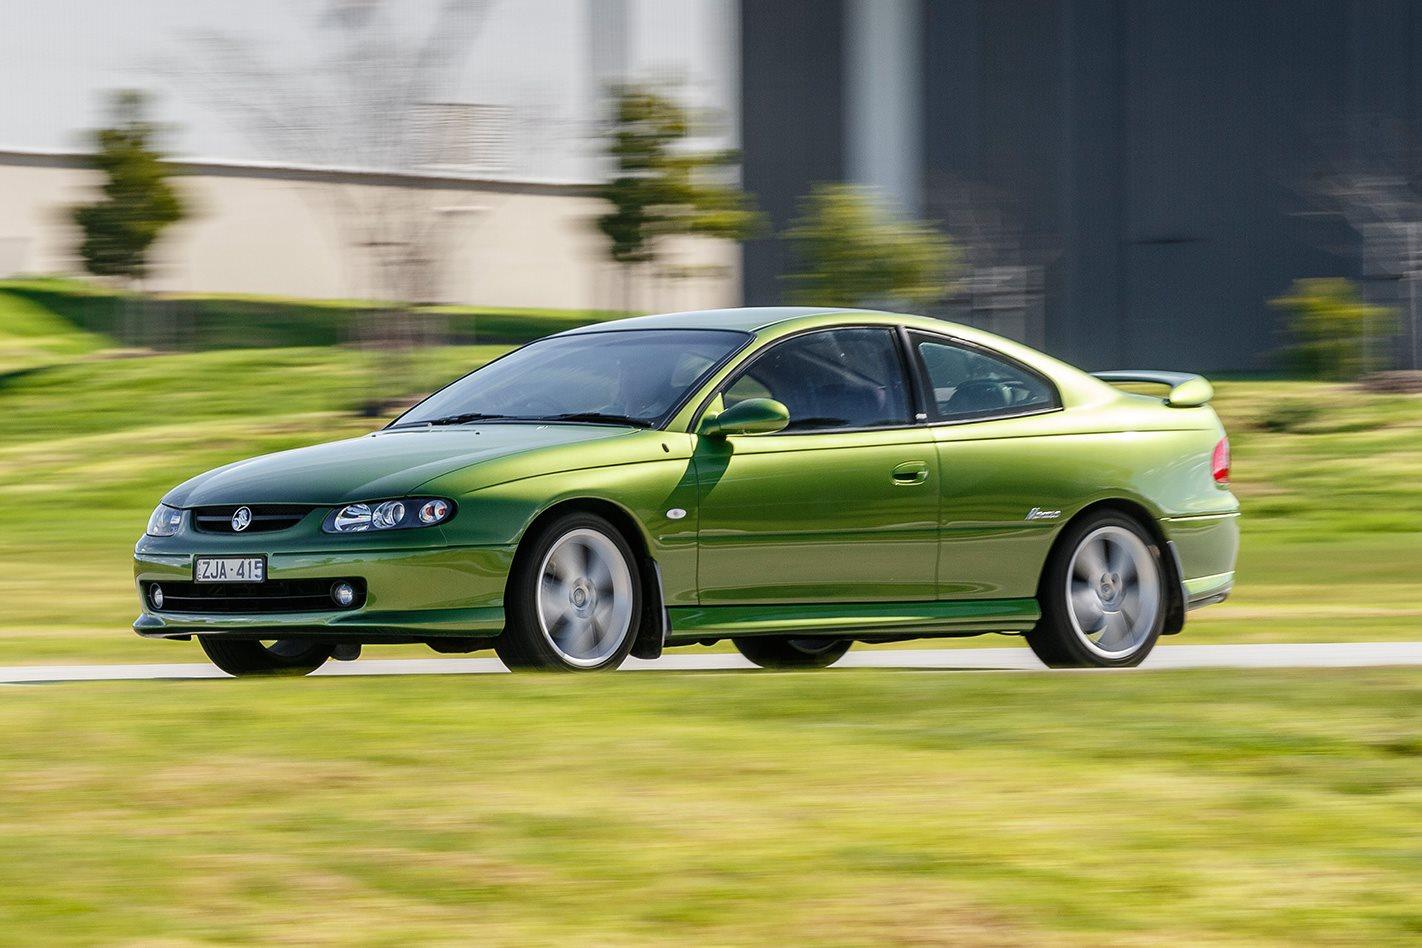 2001-Holden-V2-Monaro.jpg